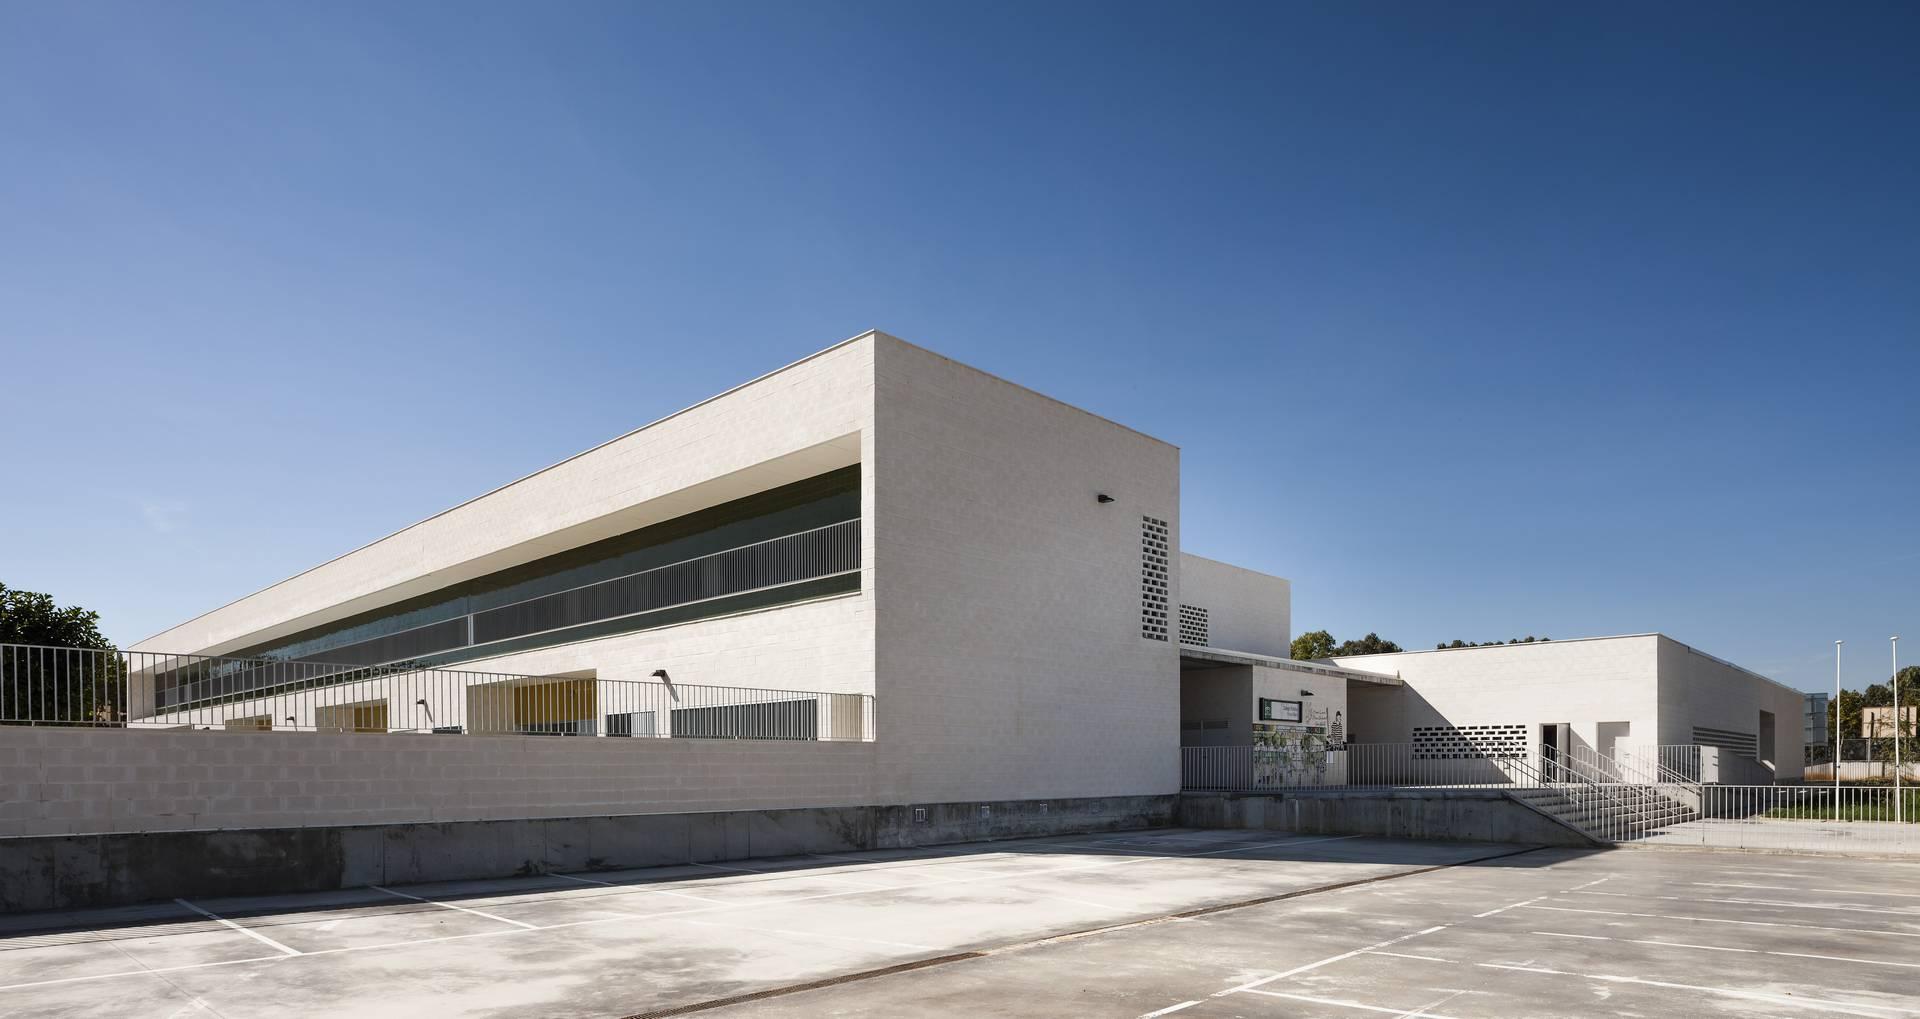 Centro de educaci n infantil y primaria en dos hermanas - Arquitectos de sevilla ...